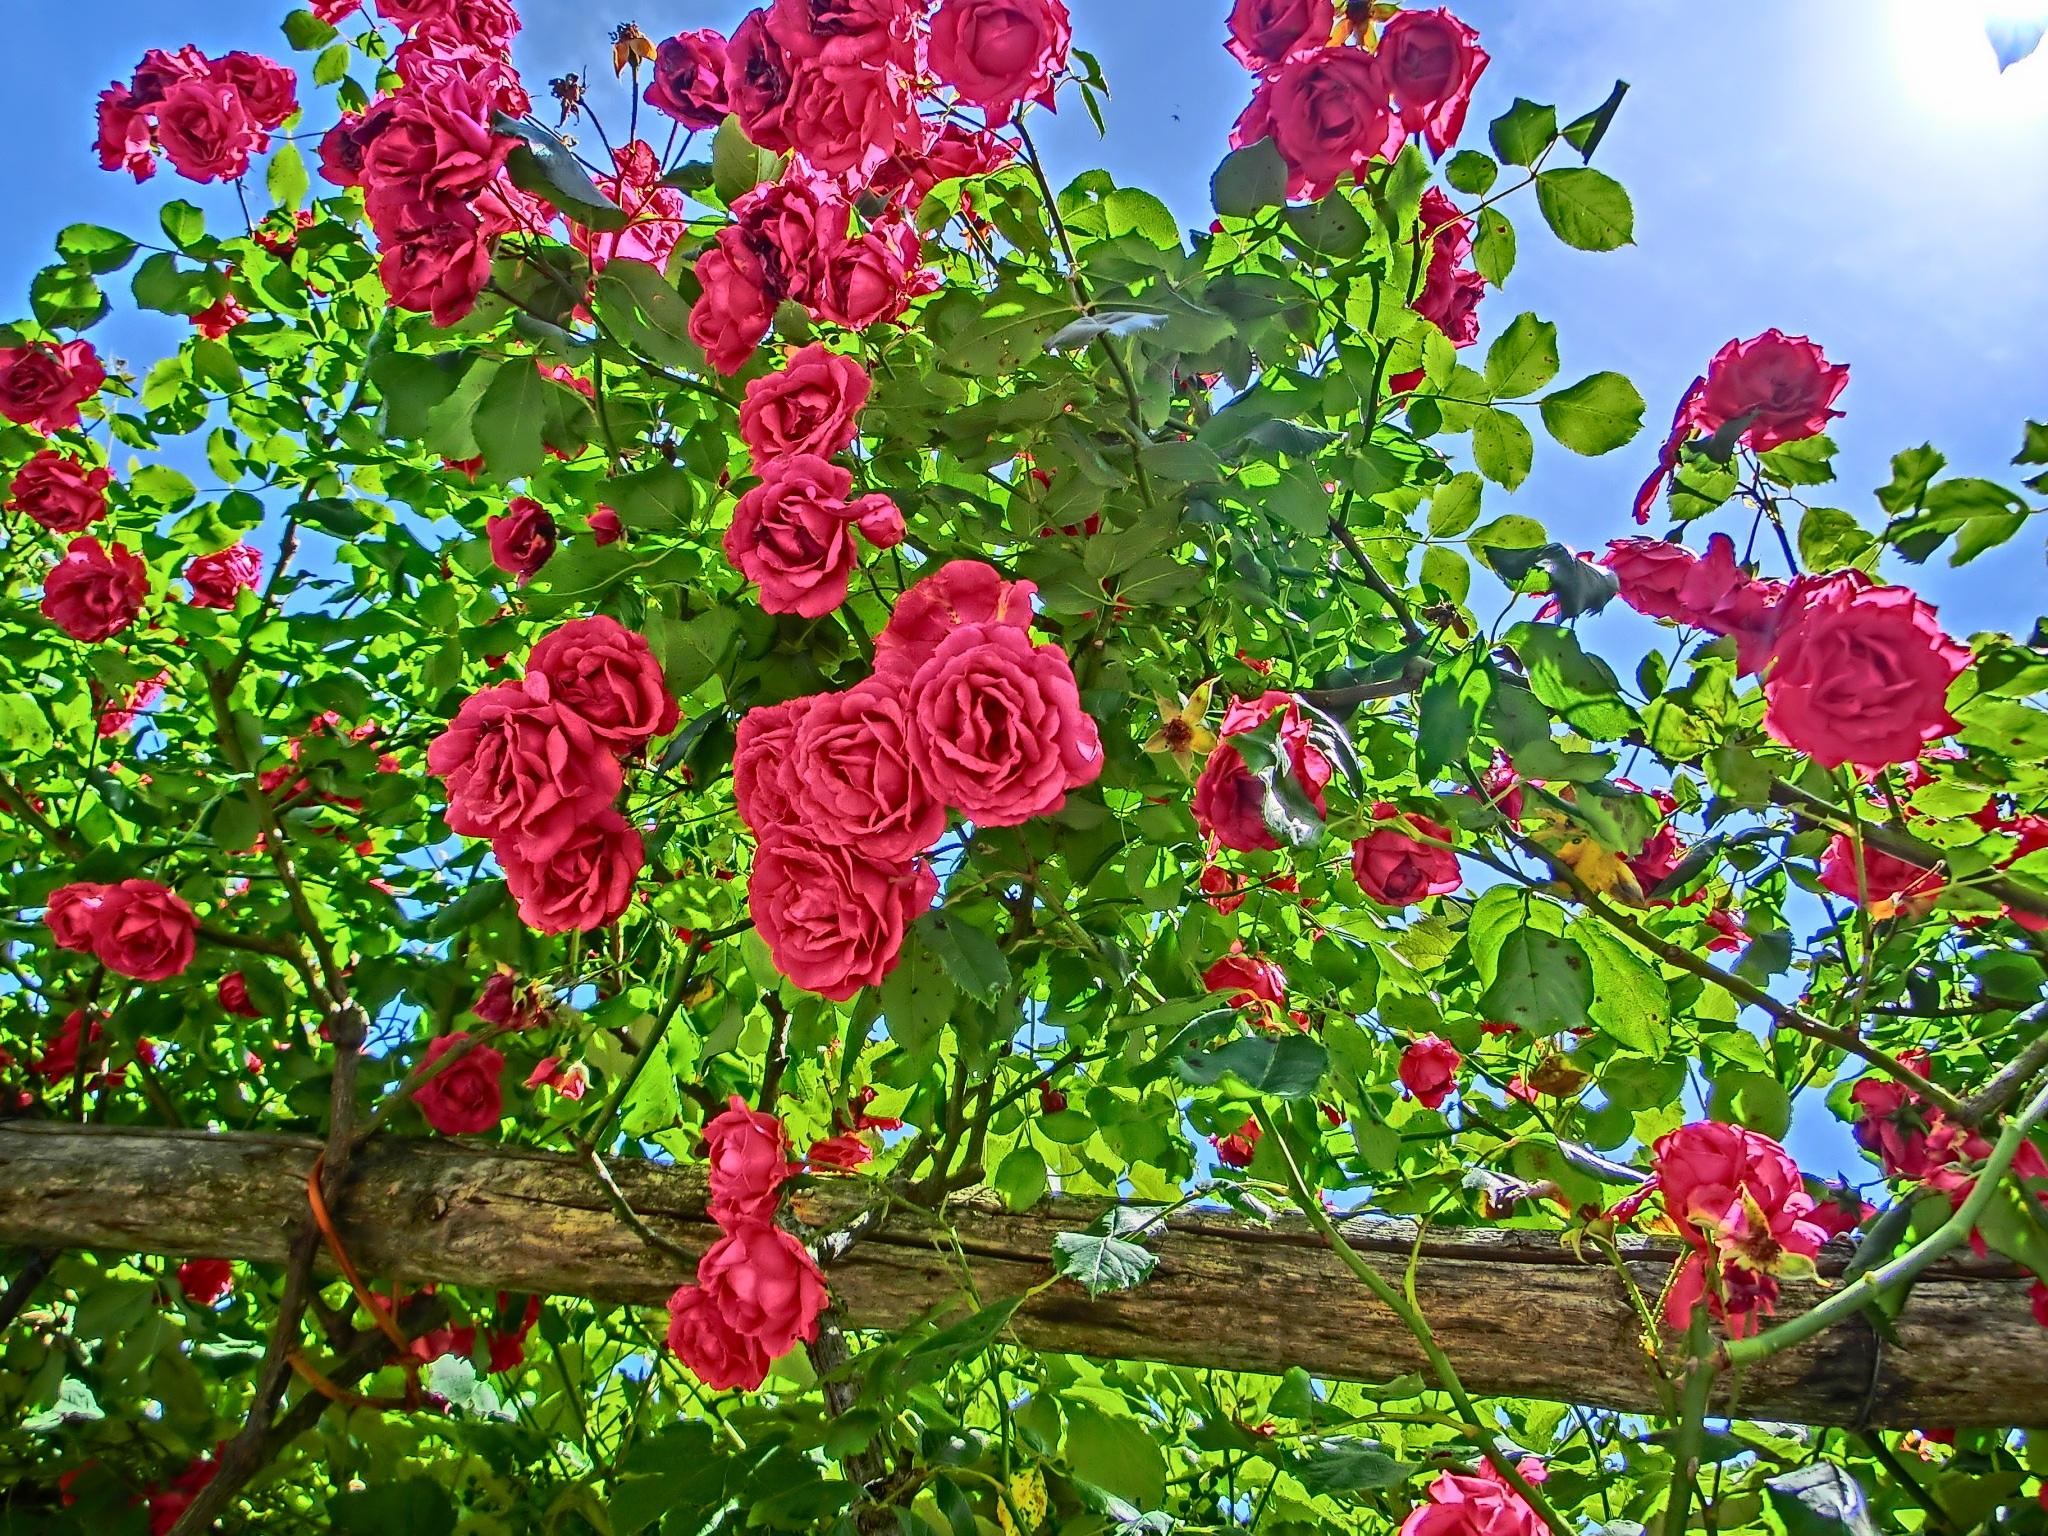 китай розы сады красные картинки отличии более или